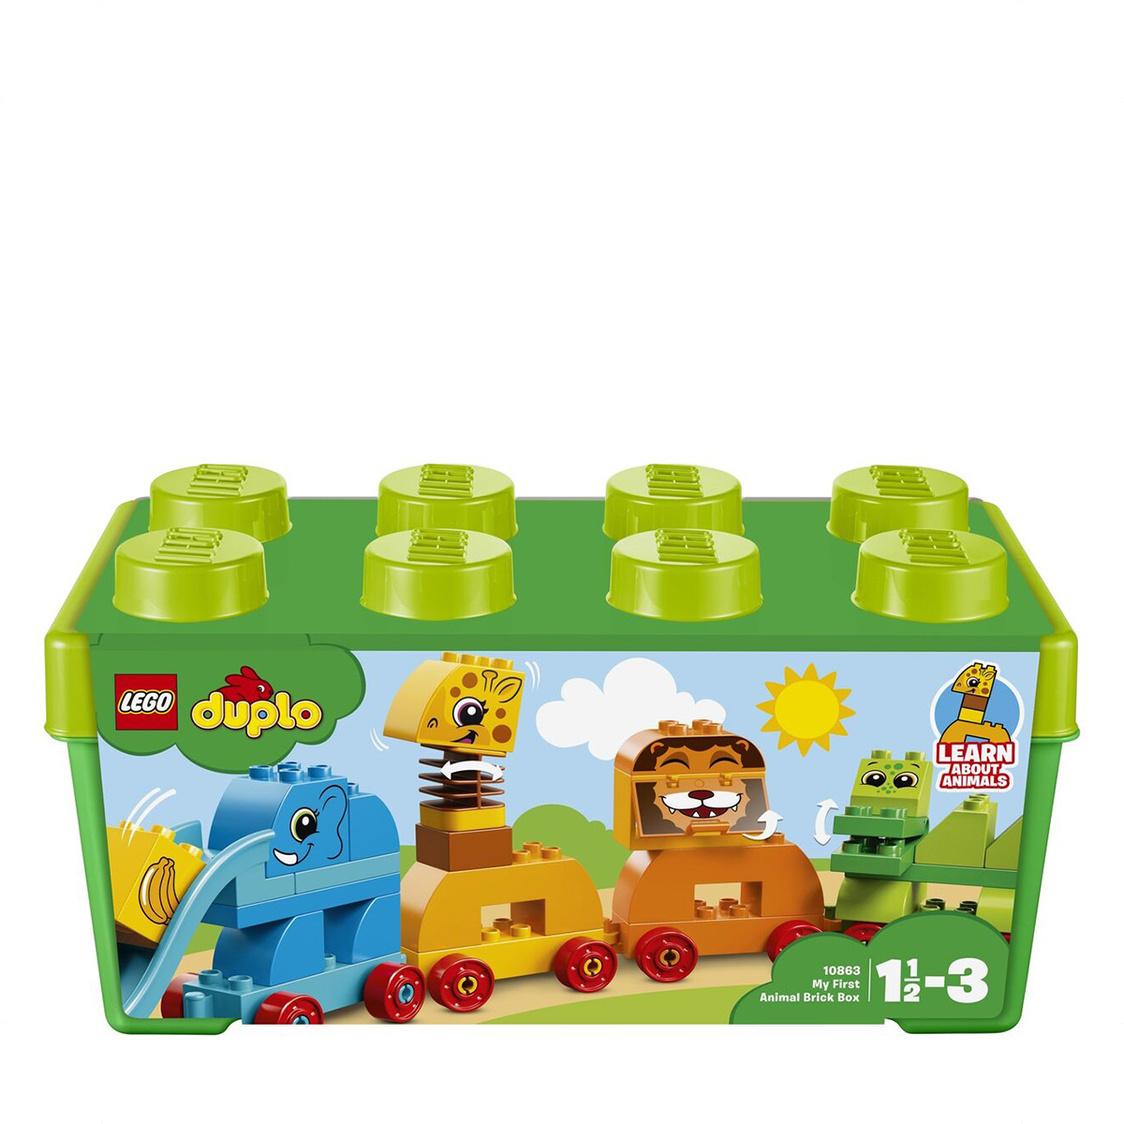 LEGO Duplo - My First Animal Brick Box 10863 V29